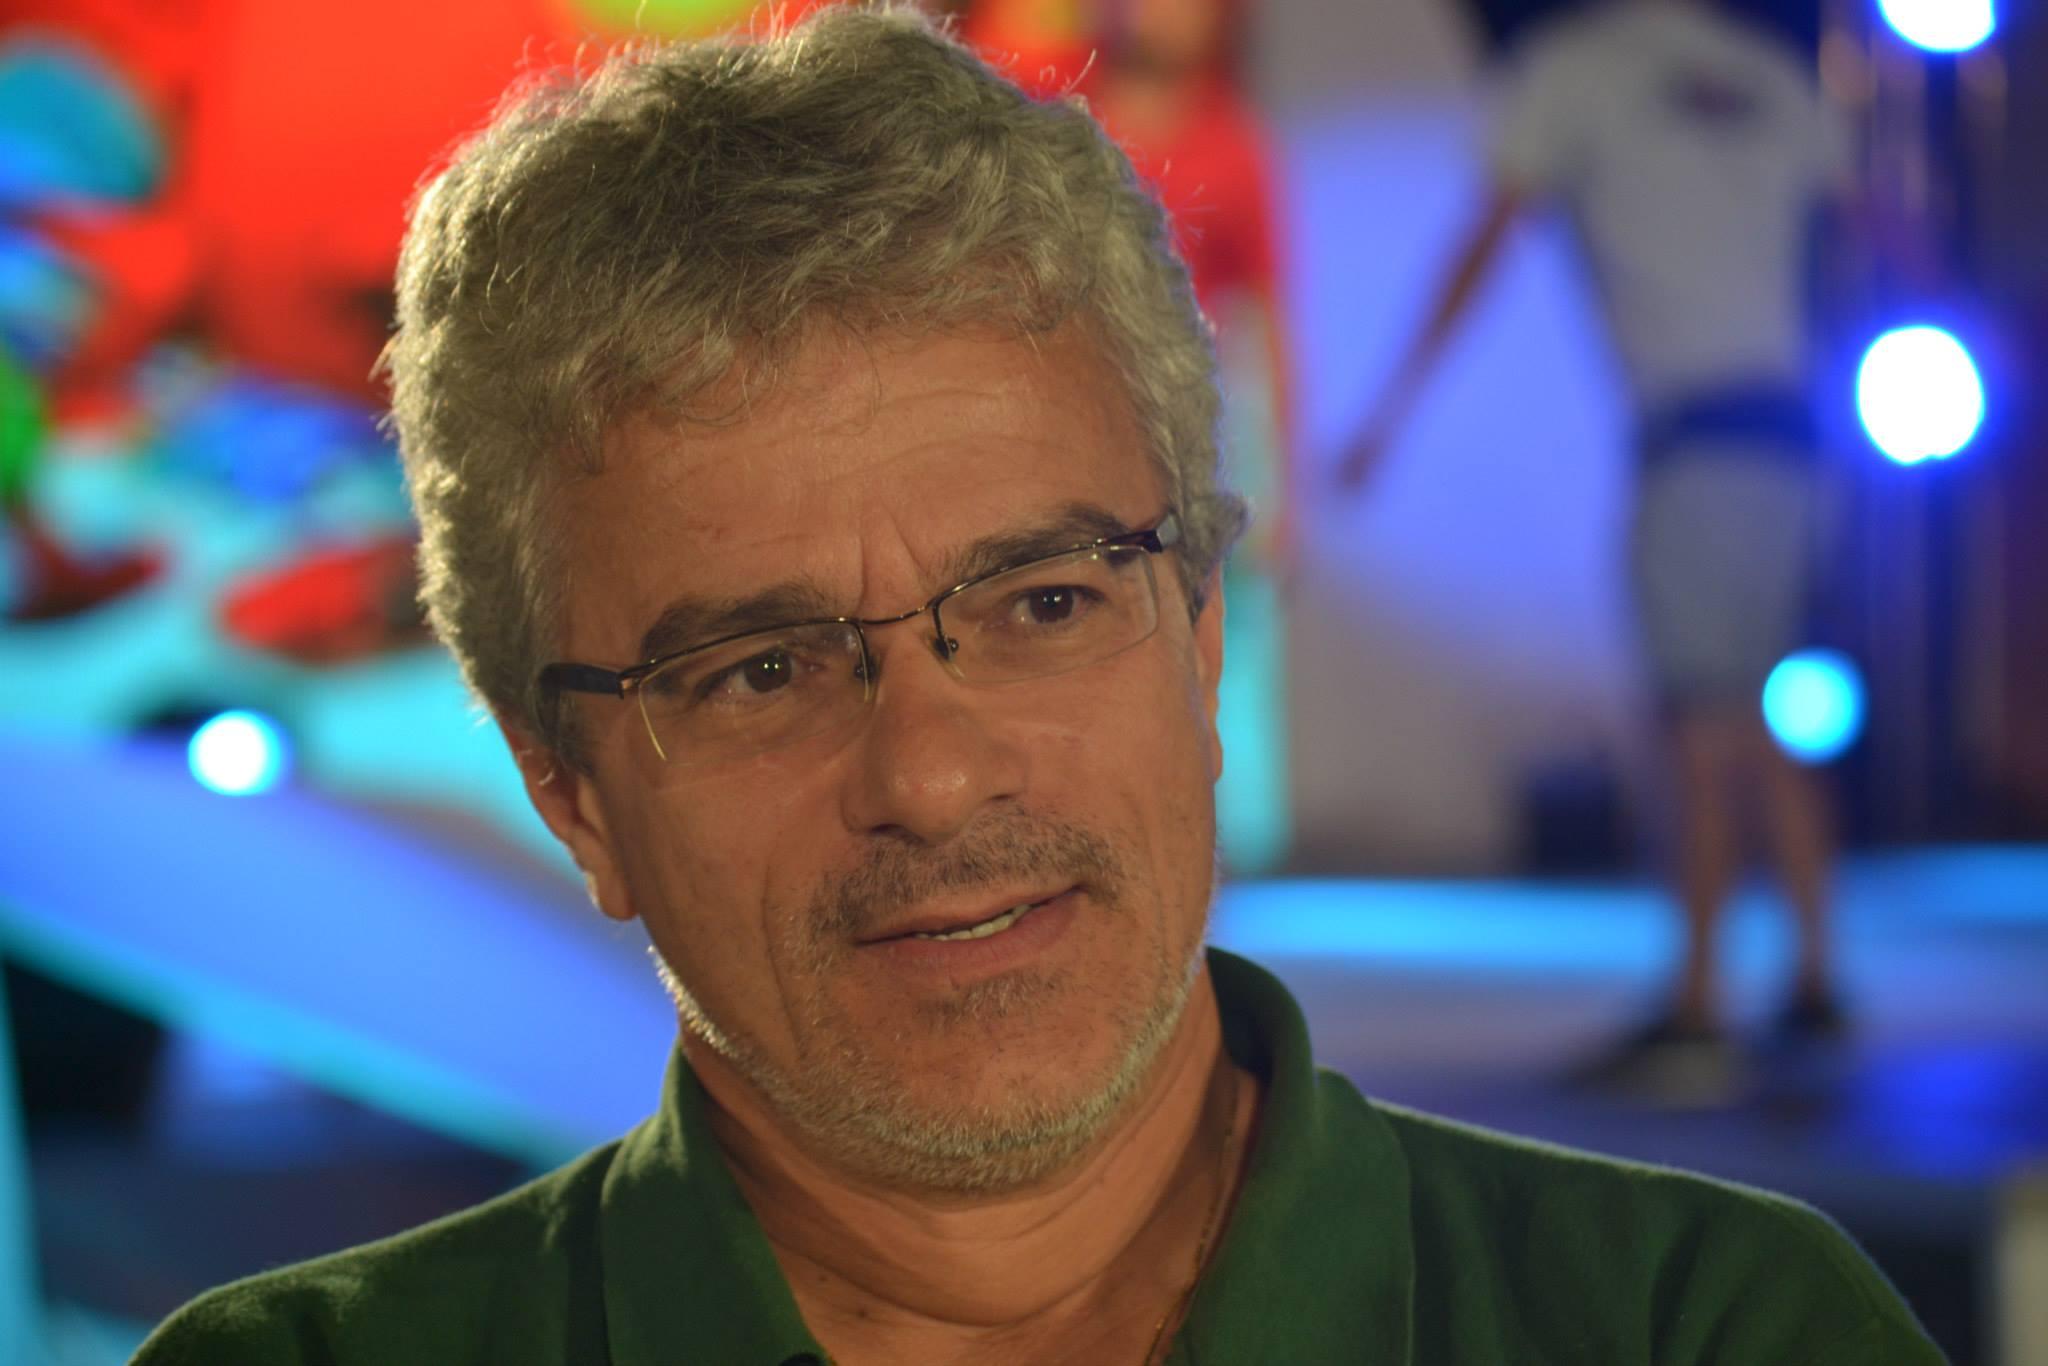 Dan Manoliu